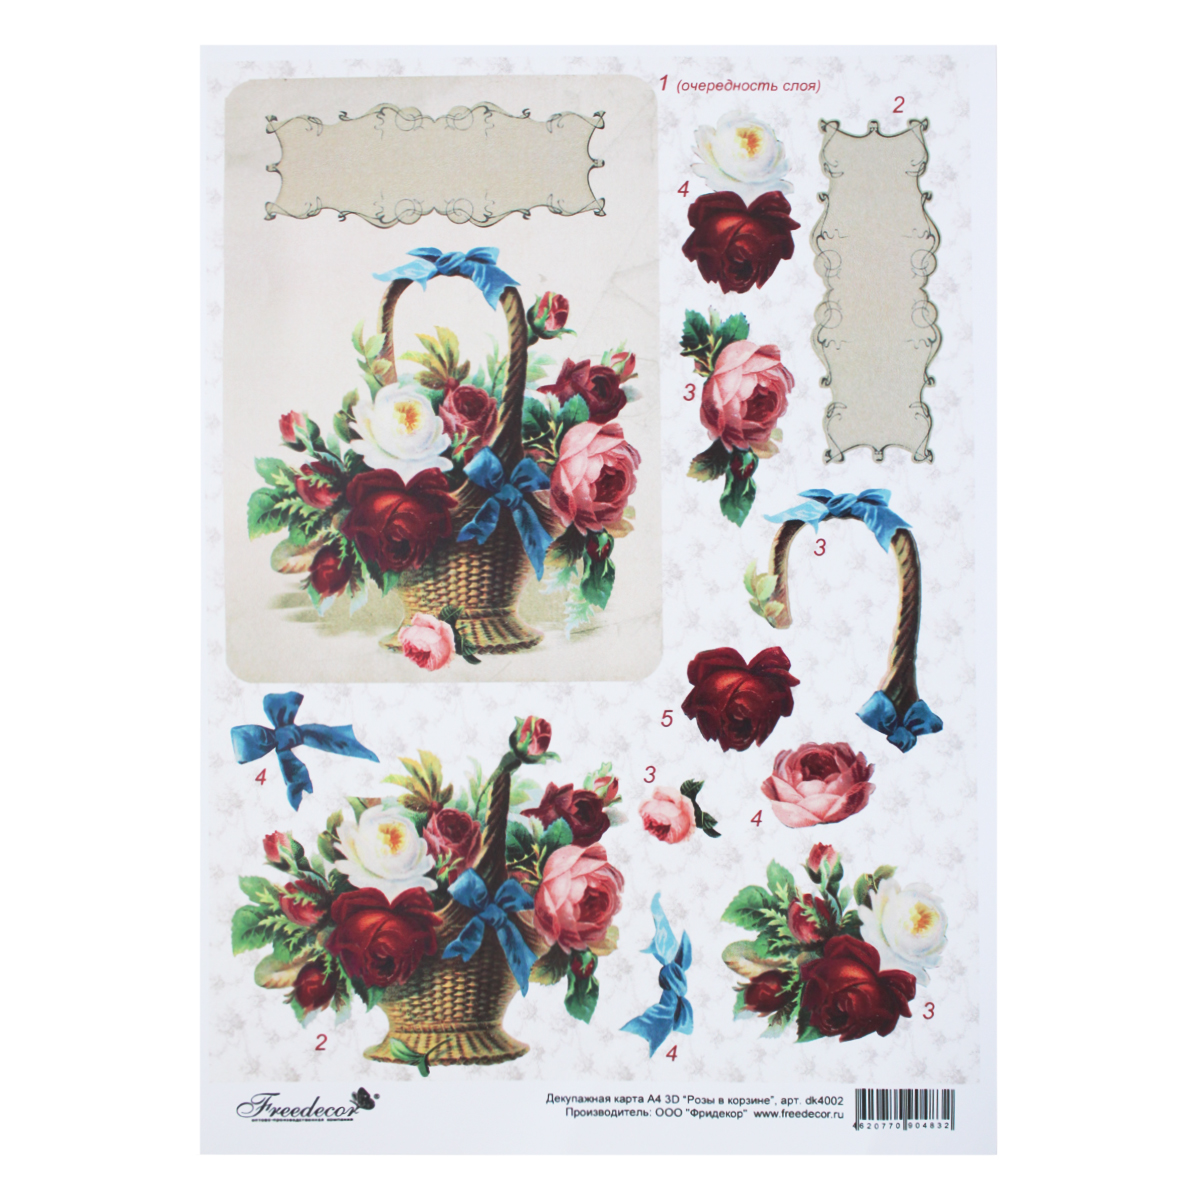 Декупажная карта Freedecor, А3, 80 гр./м.кв. Dk 4002688642_4002Декупажные карты Фридекор отличаются оригинальными, стильными дизайнами и прекрасным качеством. Печать декупажных карт происходит на бумаге плотностью 80 гр/м2.